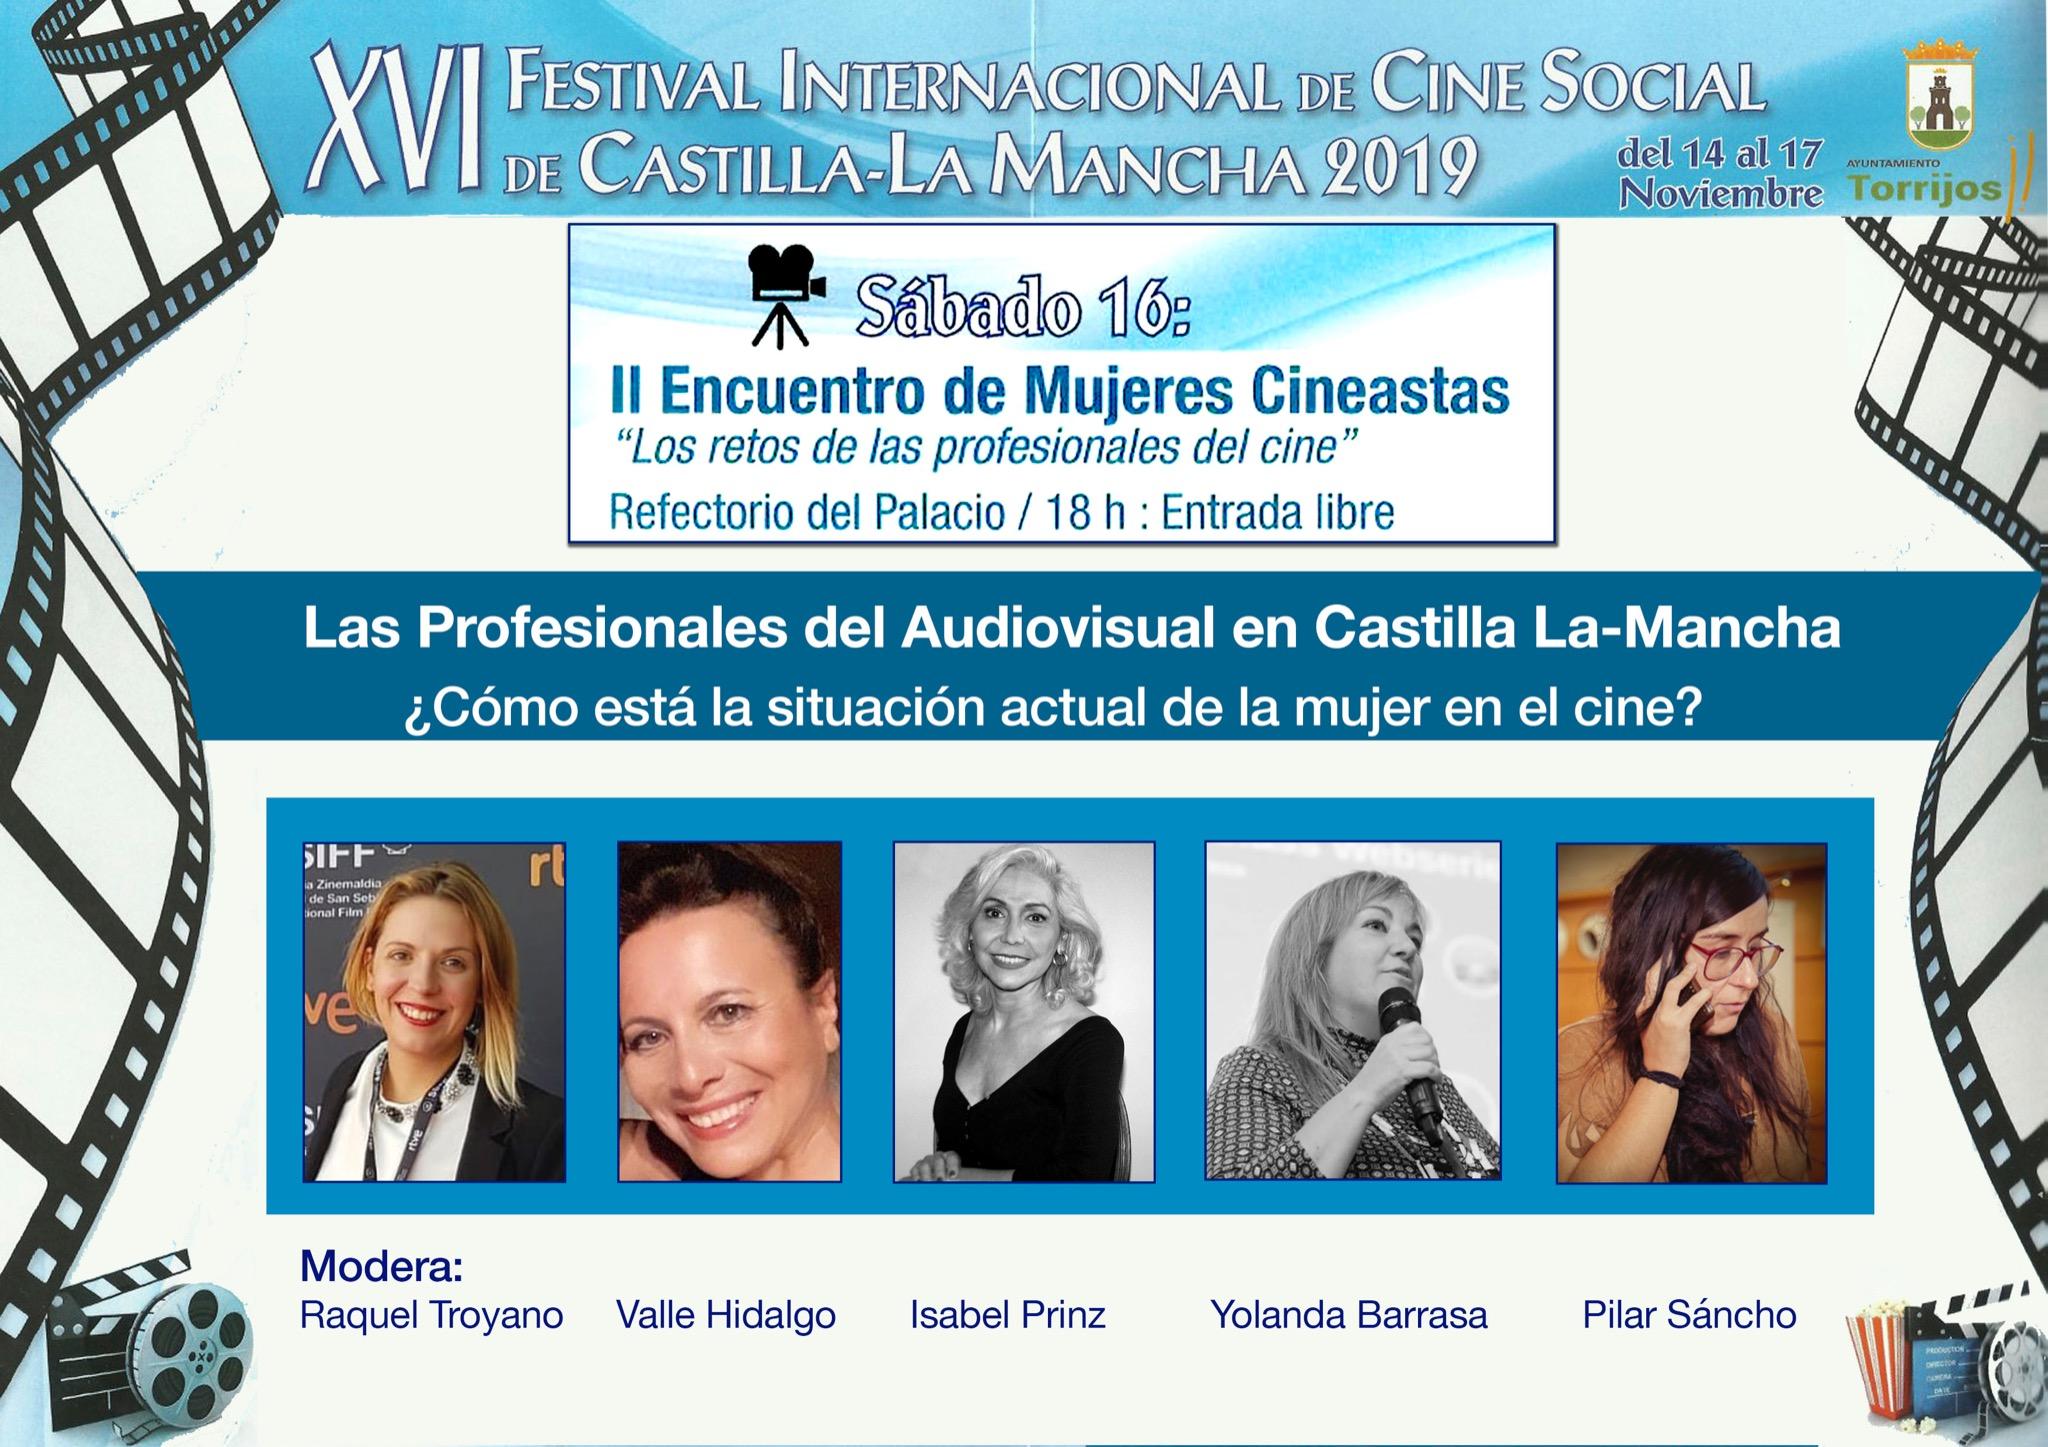 II Encuentro de Mujeres Cineastas